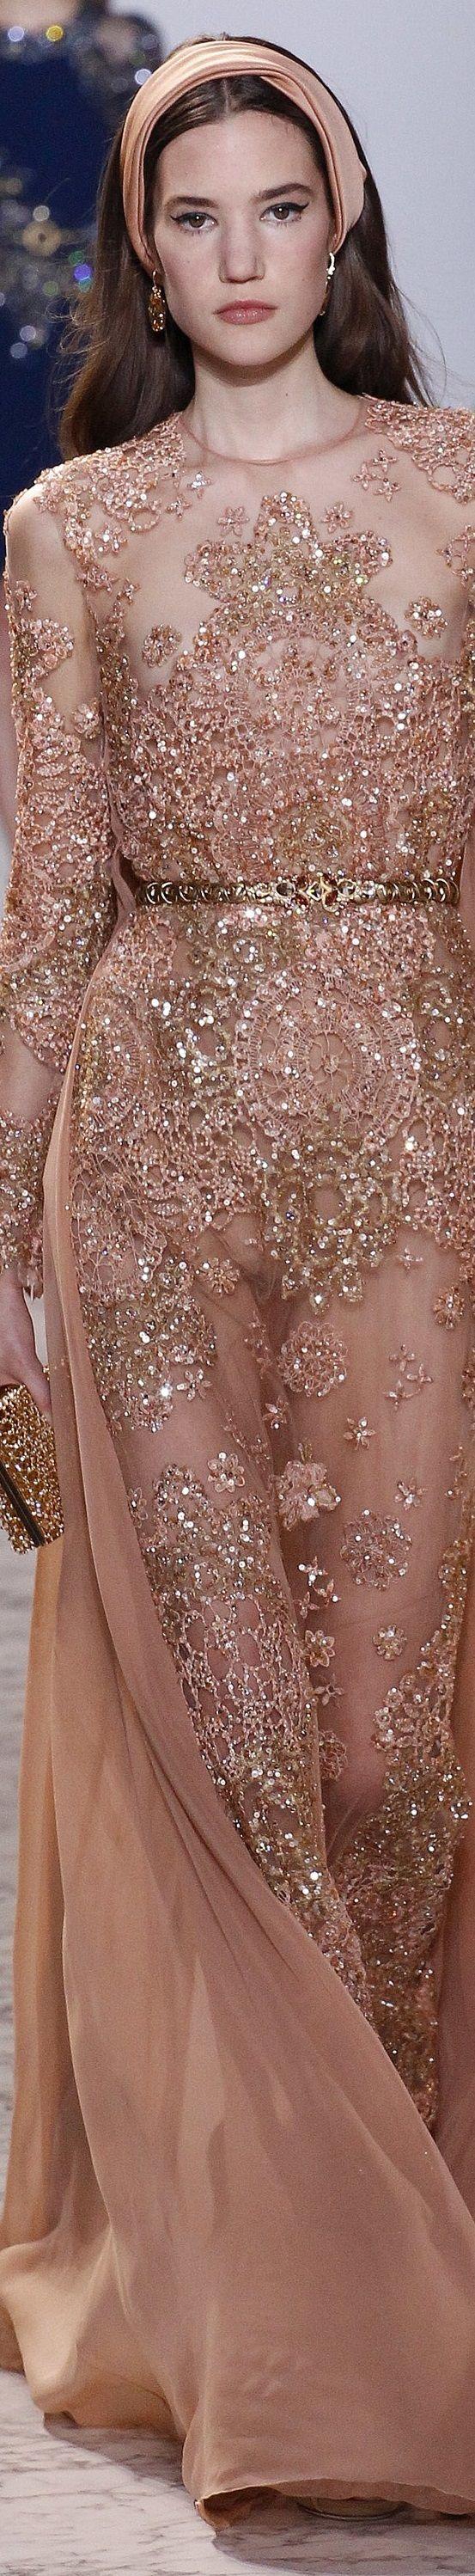 www.2locos.com   Elie Saab Spring 2017 Haute Couture